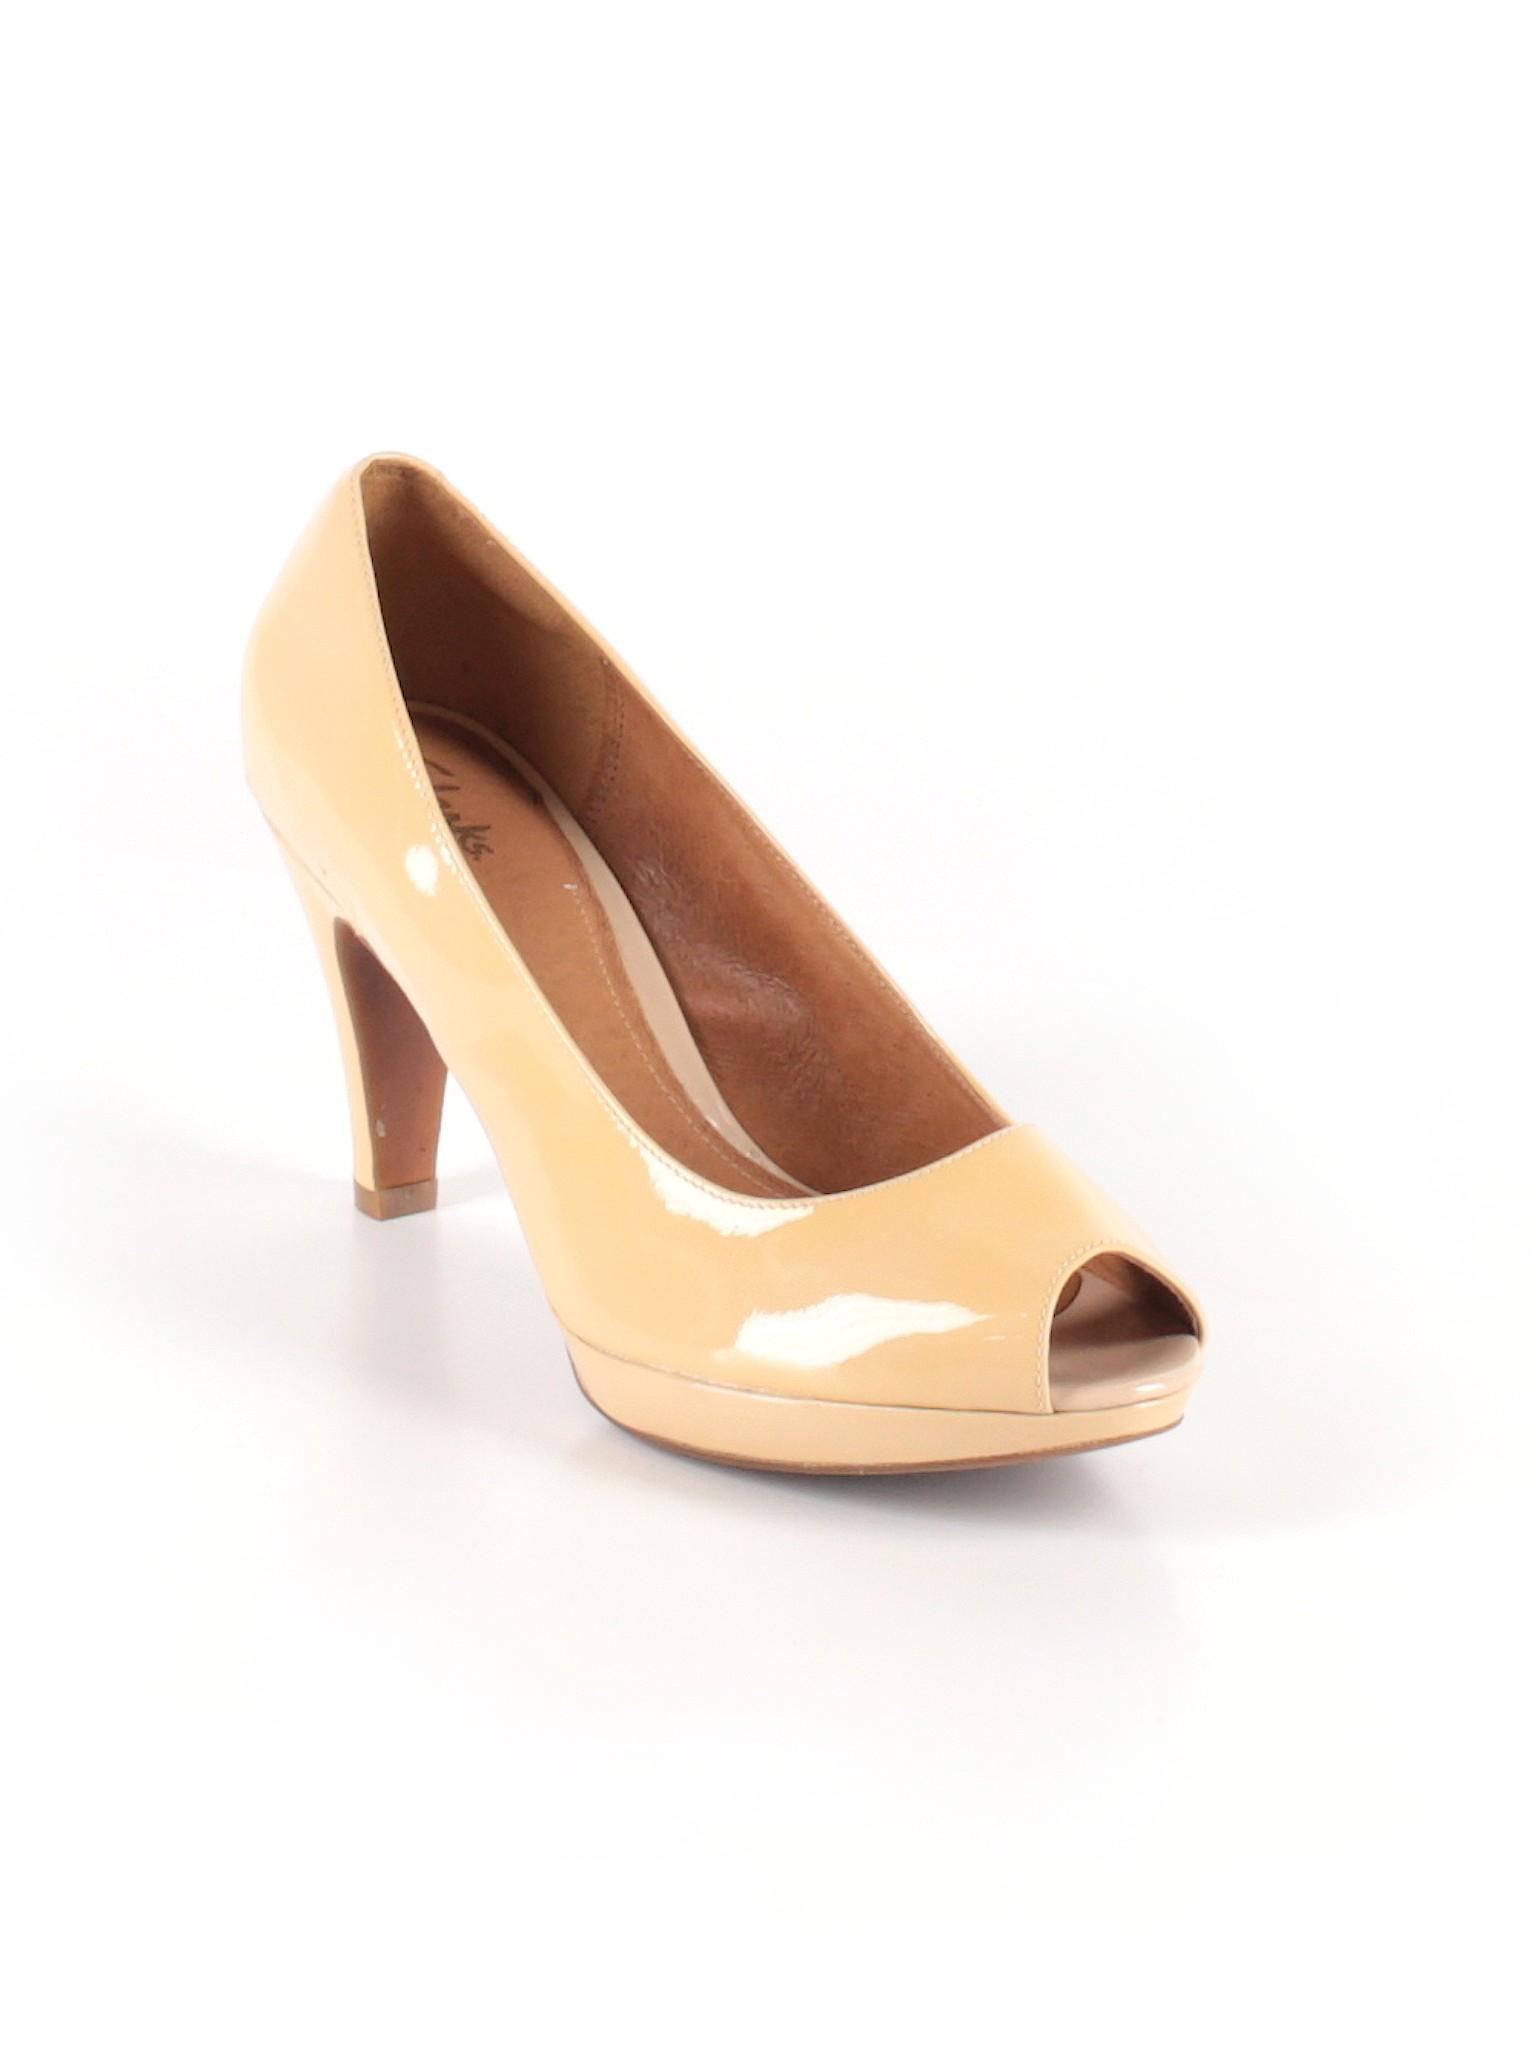 Clarks promotion Boutique Boutique promotion Clarks Heels Heels qwOXxf